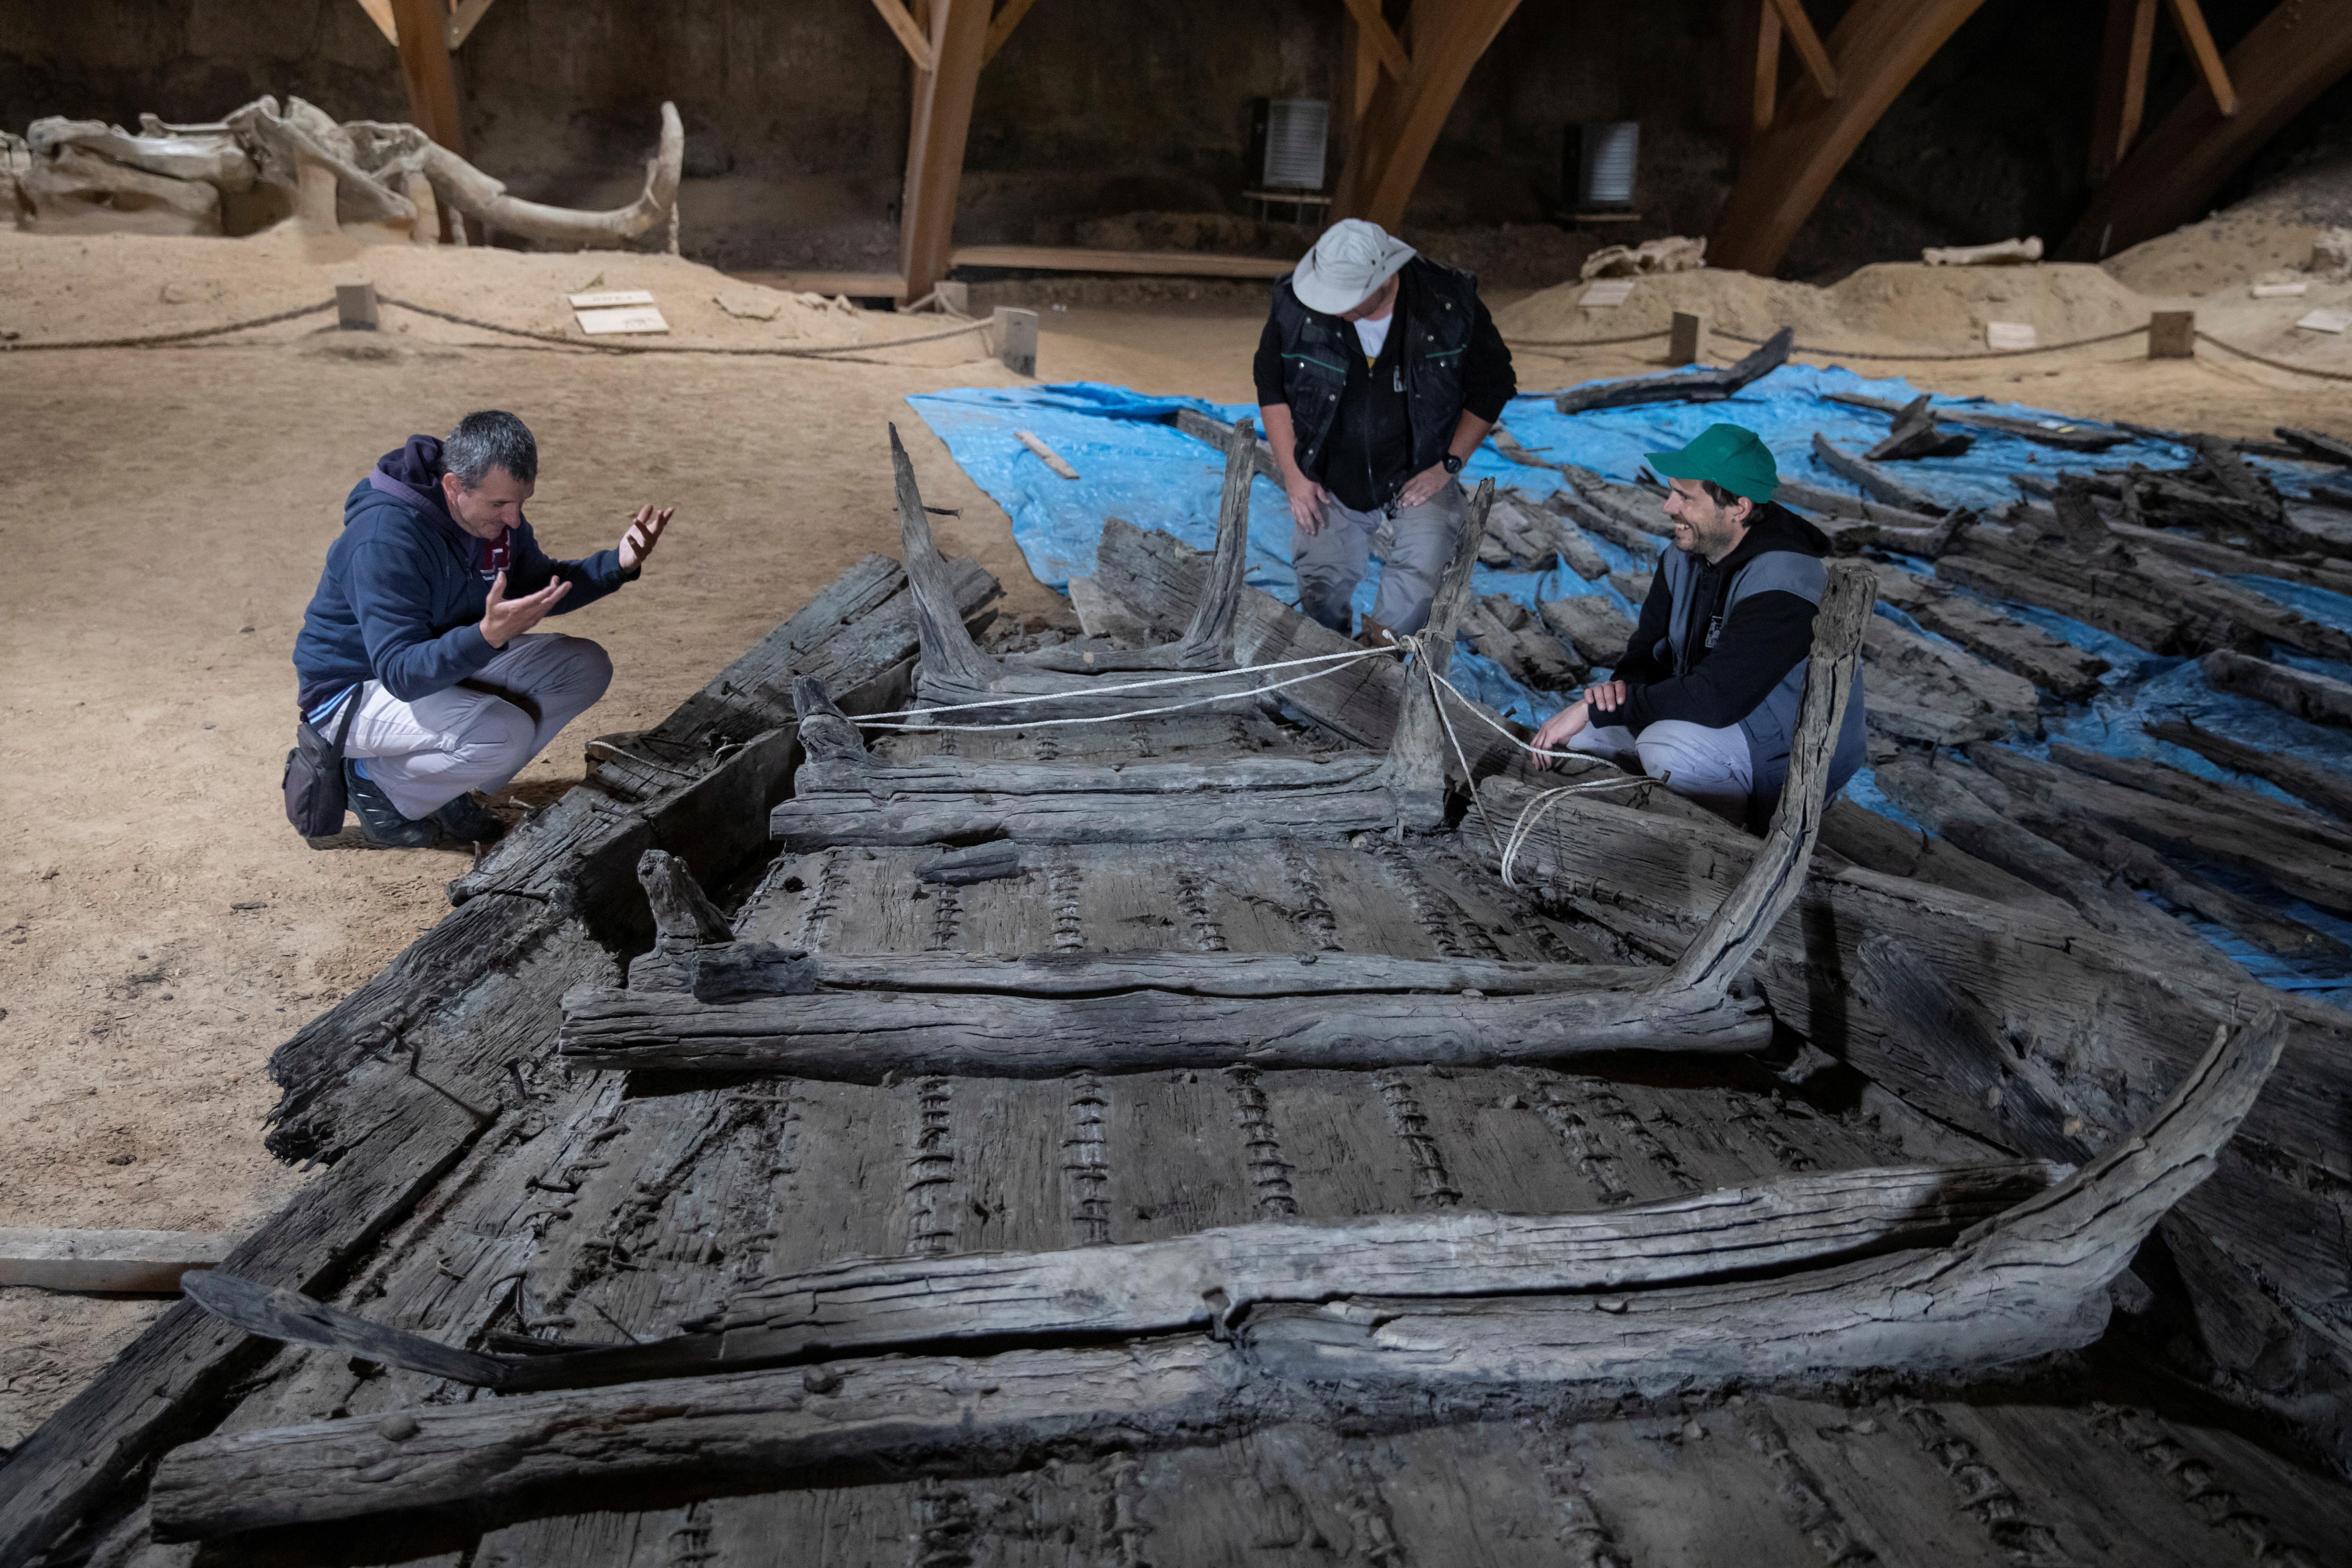 مؤرخون يكتشفون مدينة رومانية قديمة تحت سطح الأرض